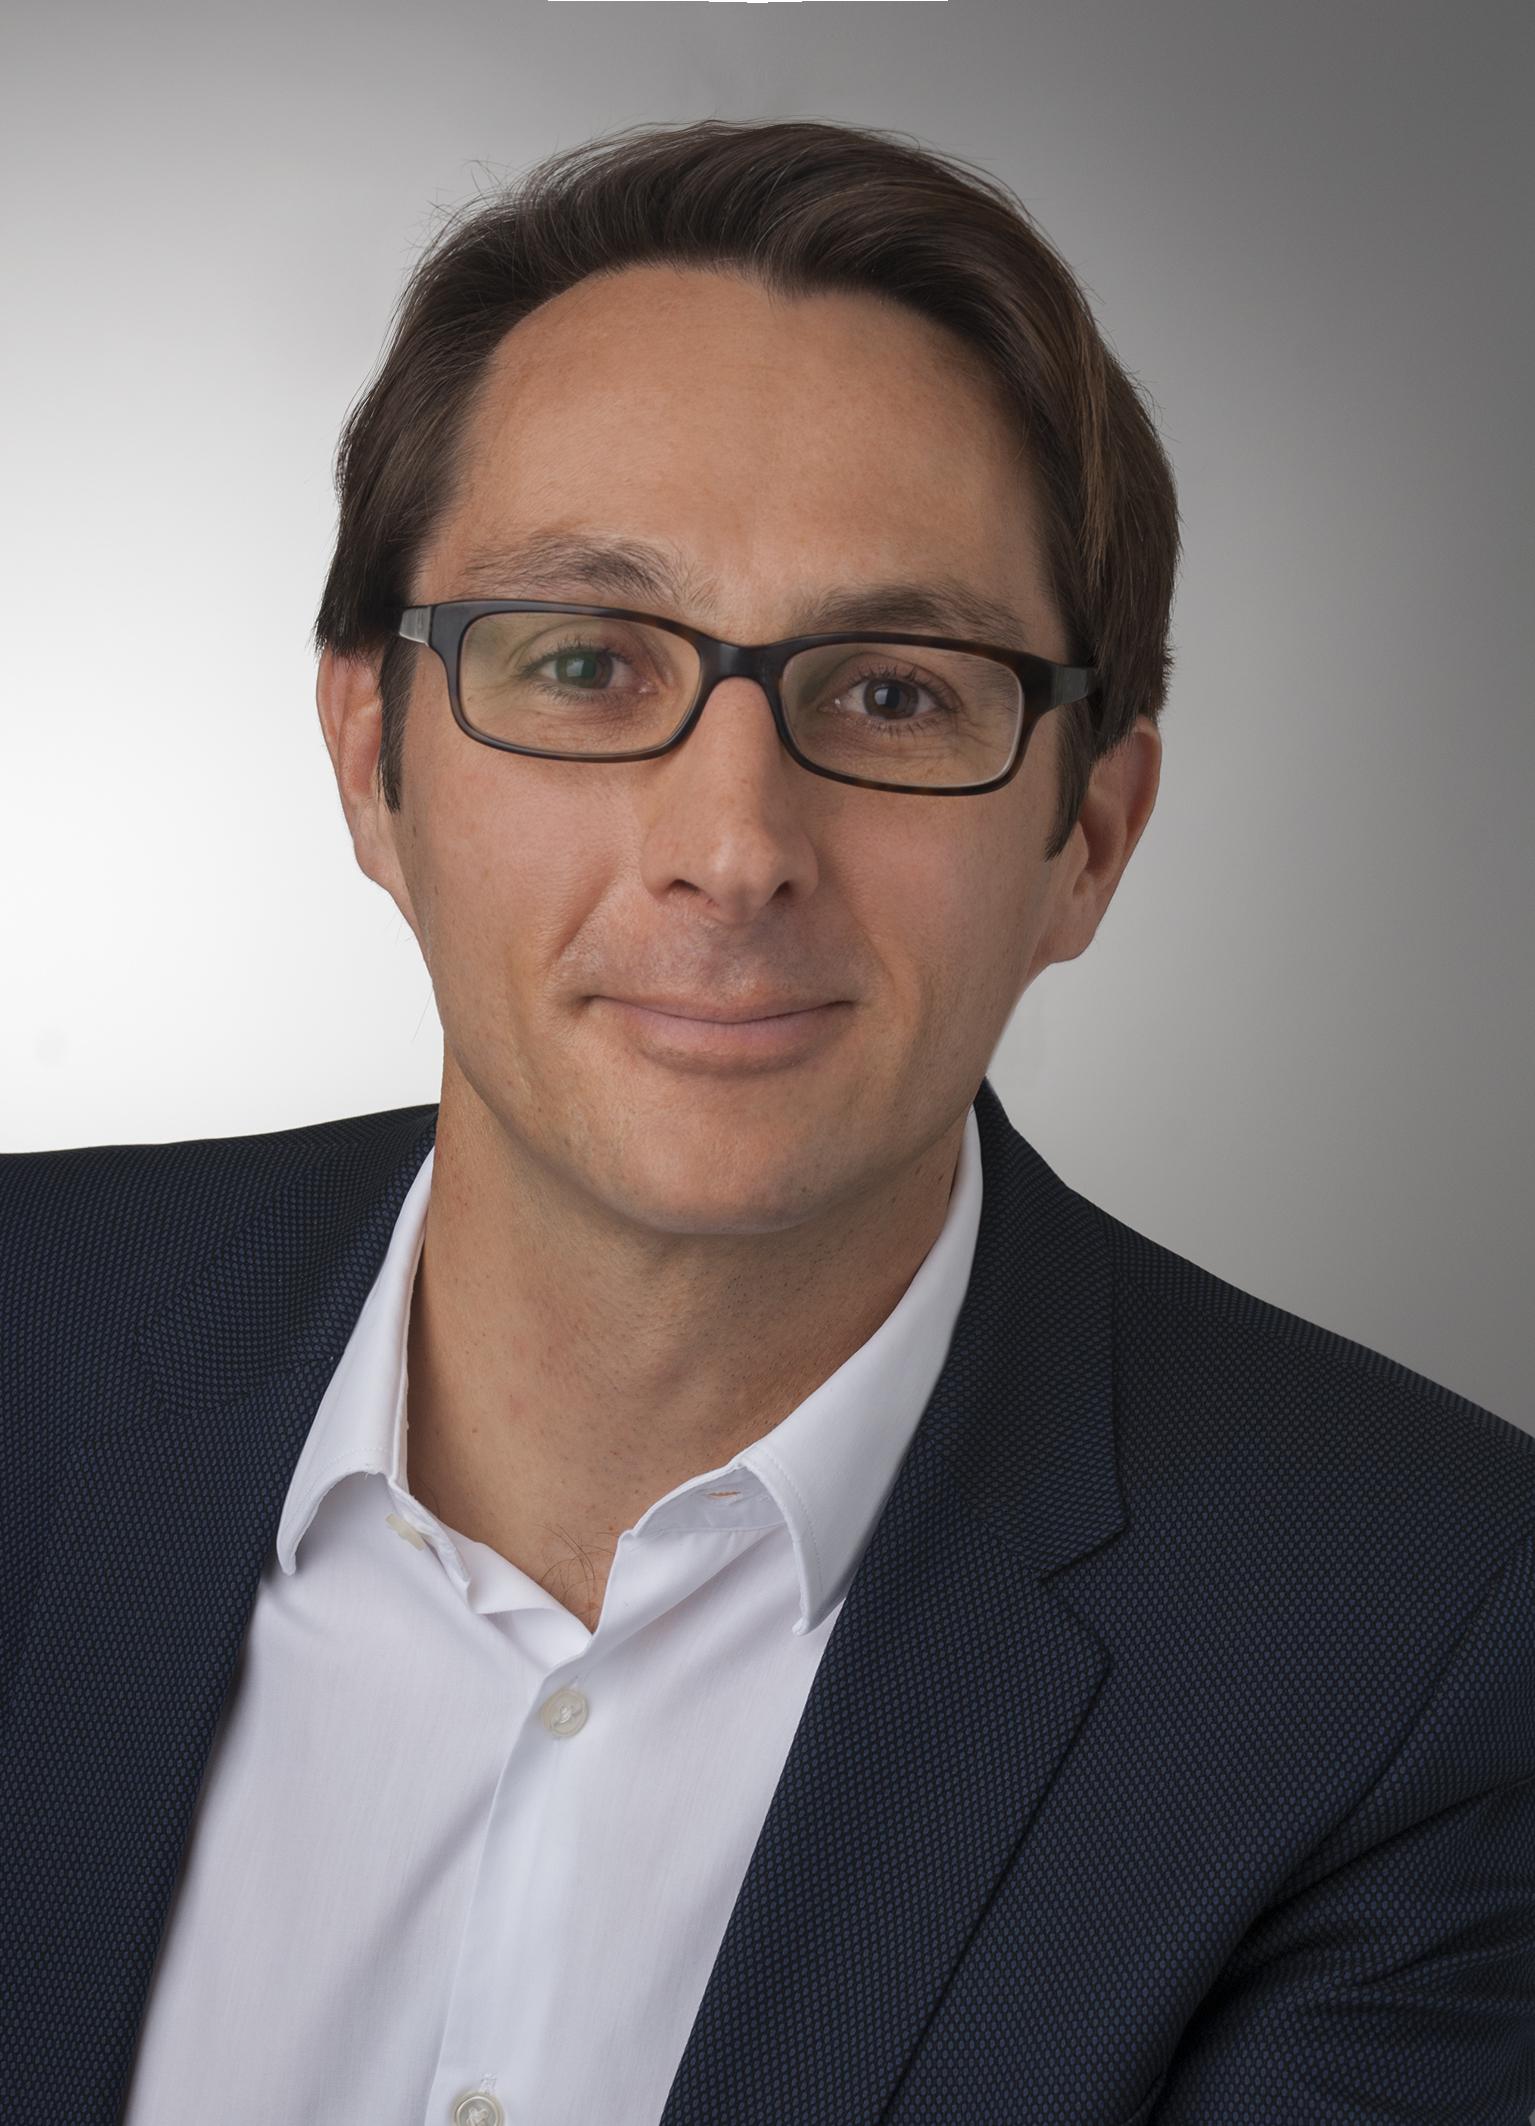 Arnaud Van Den Bossche